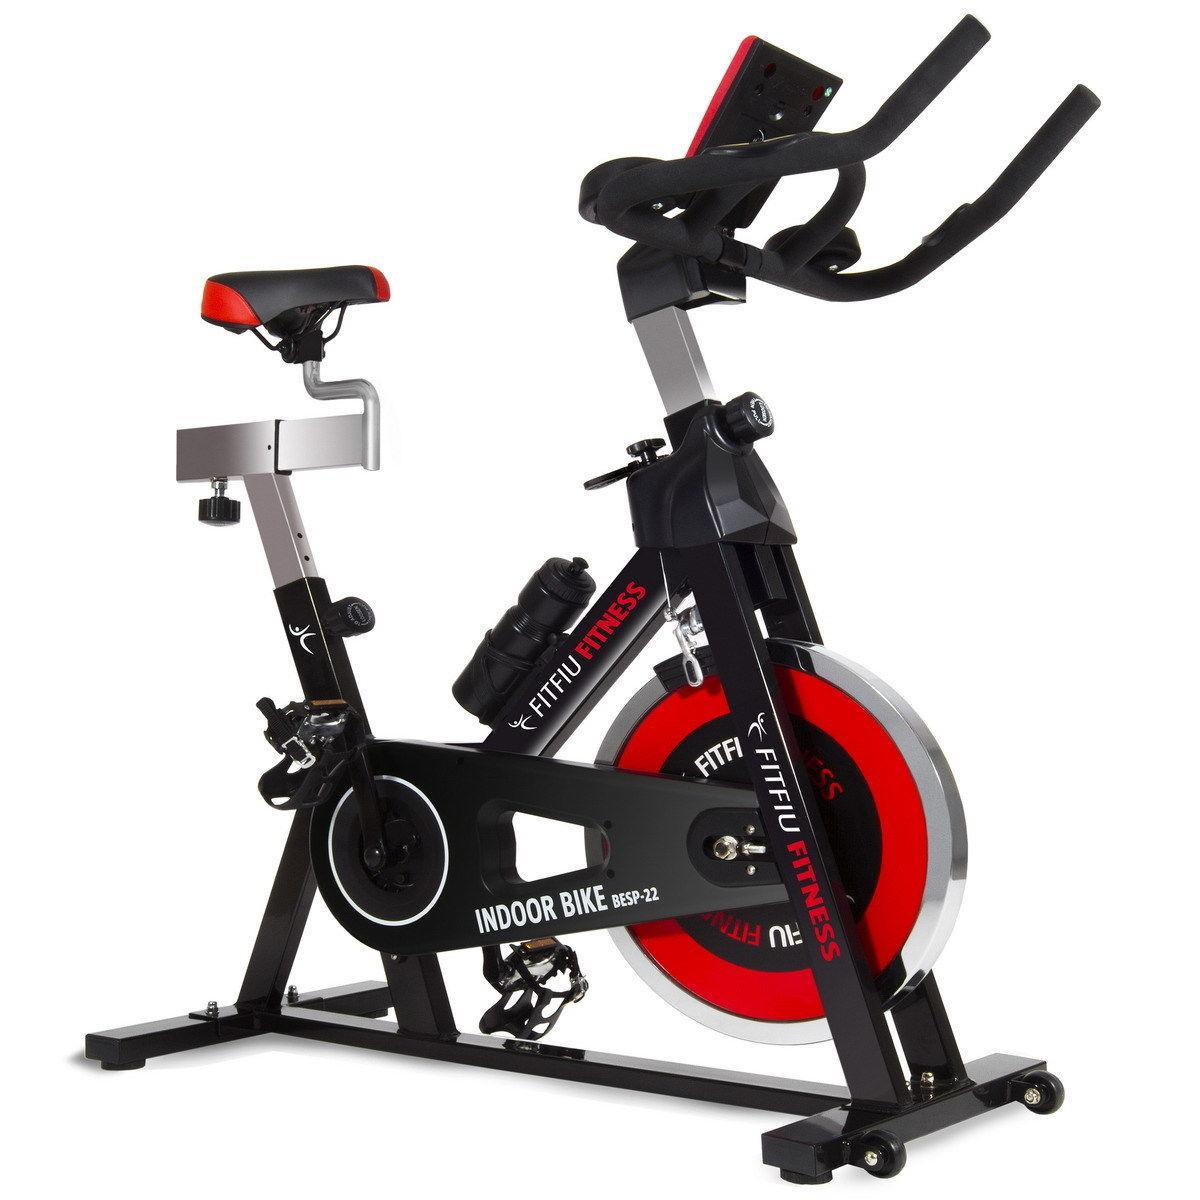 Vélo Indoor sportif réglable Fitfiu roue d'inertie de 24Kg